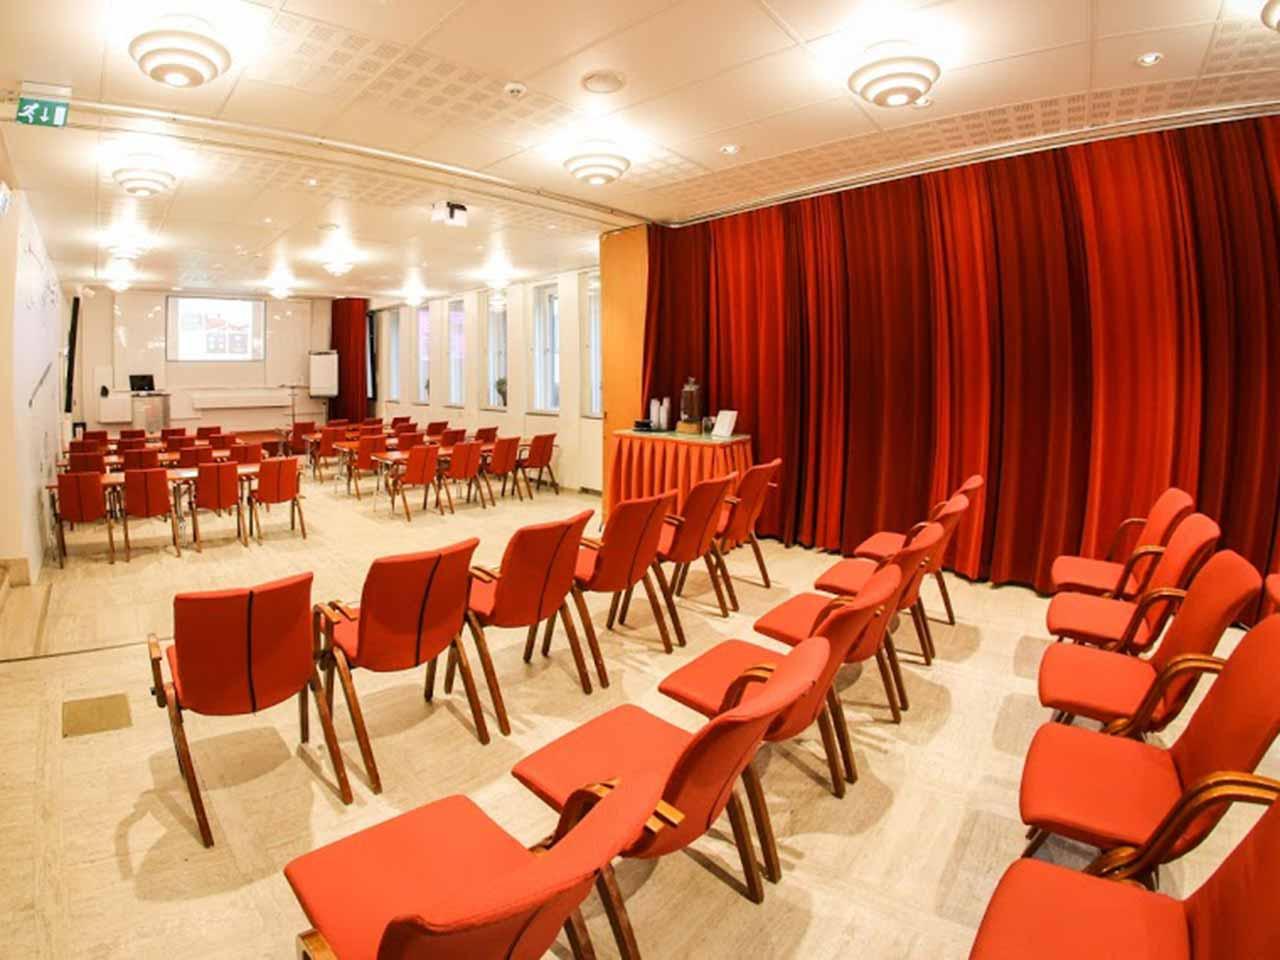 Citykonferensen Hötorget - Rum för konferenser